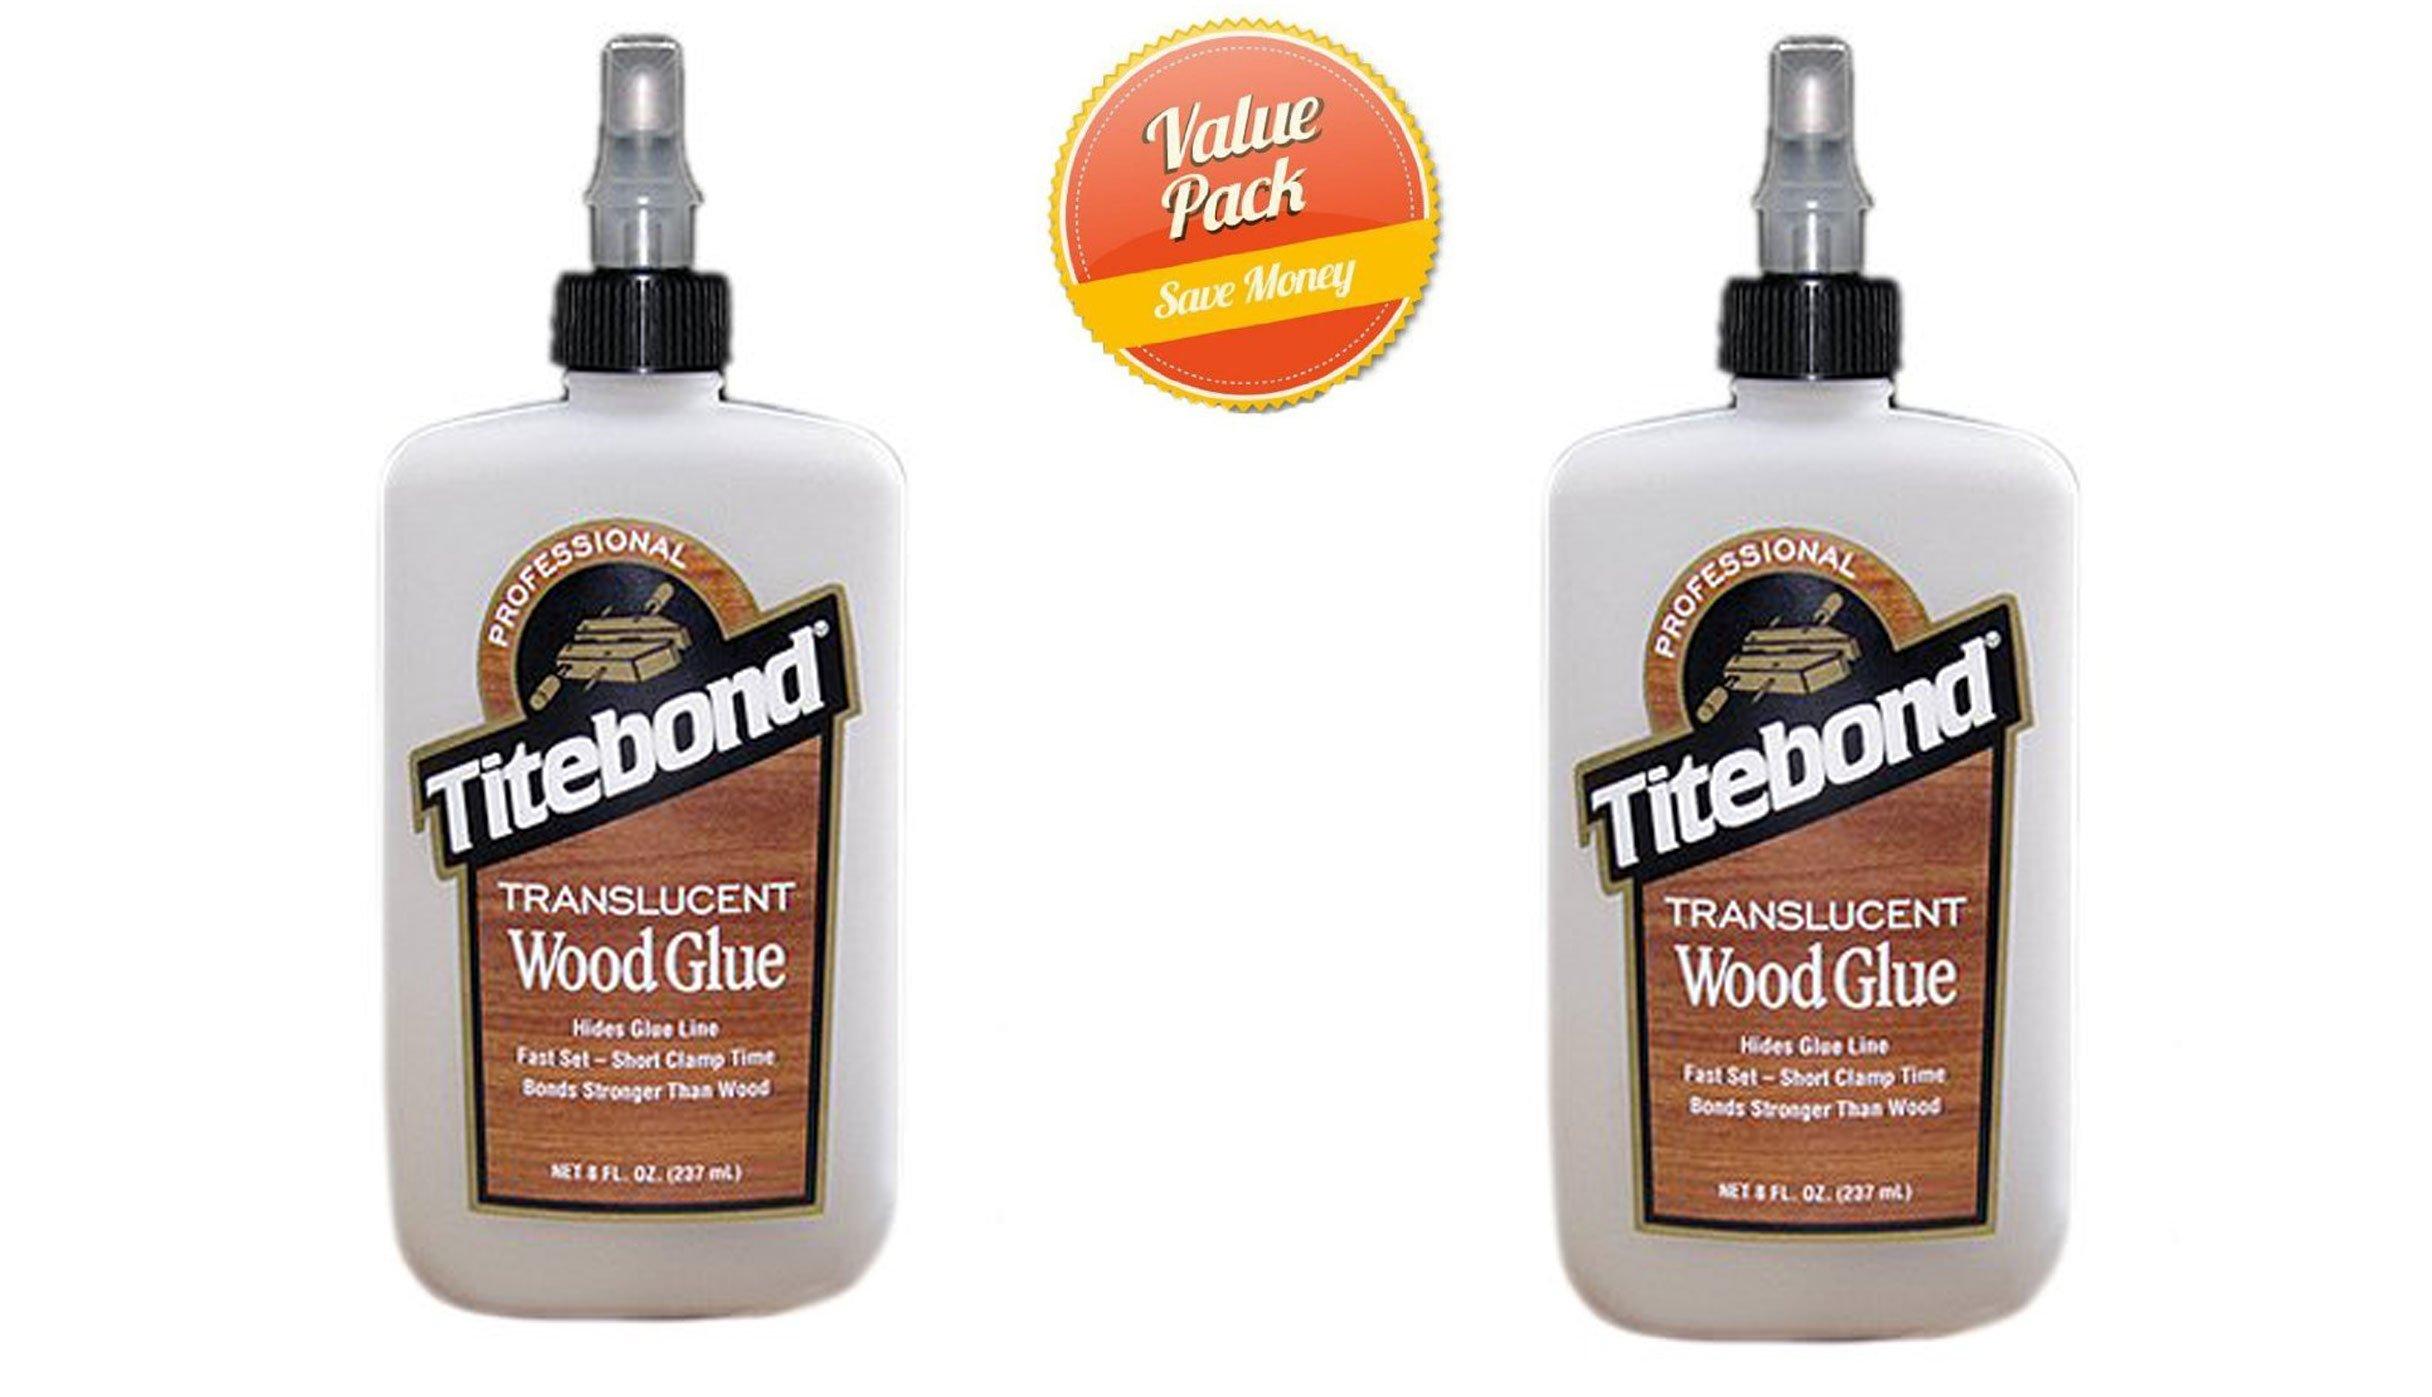 Franklin International 6123 Wood Glue, Translucent, 8-oz, 2 Pack